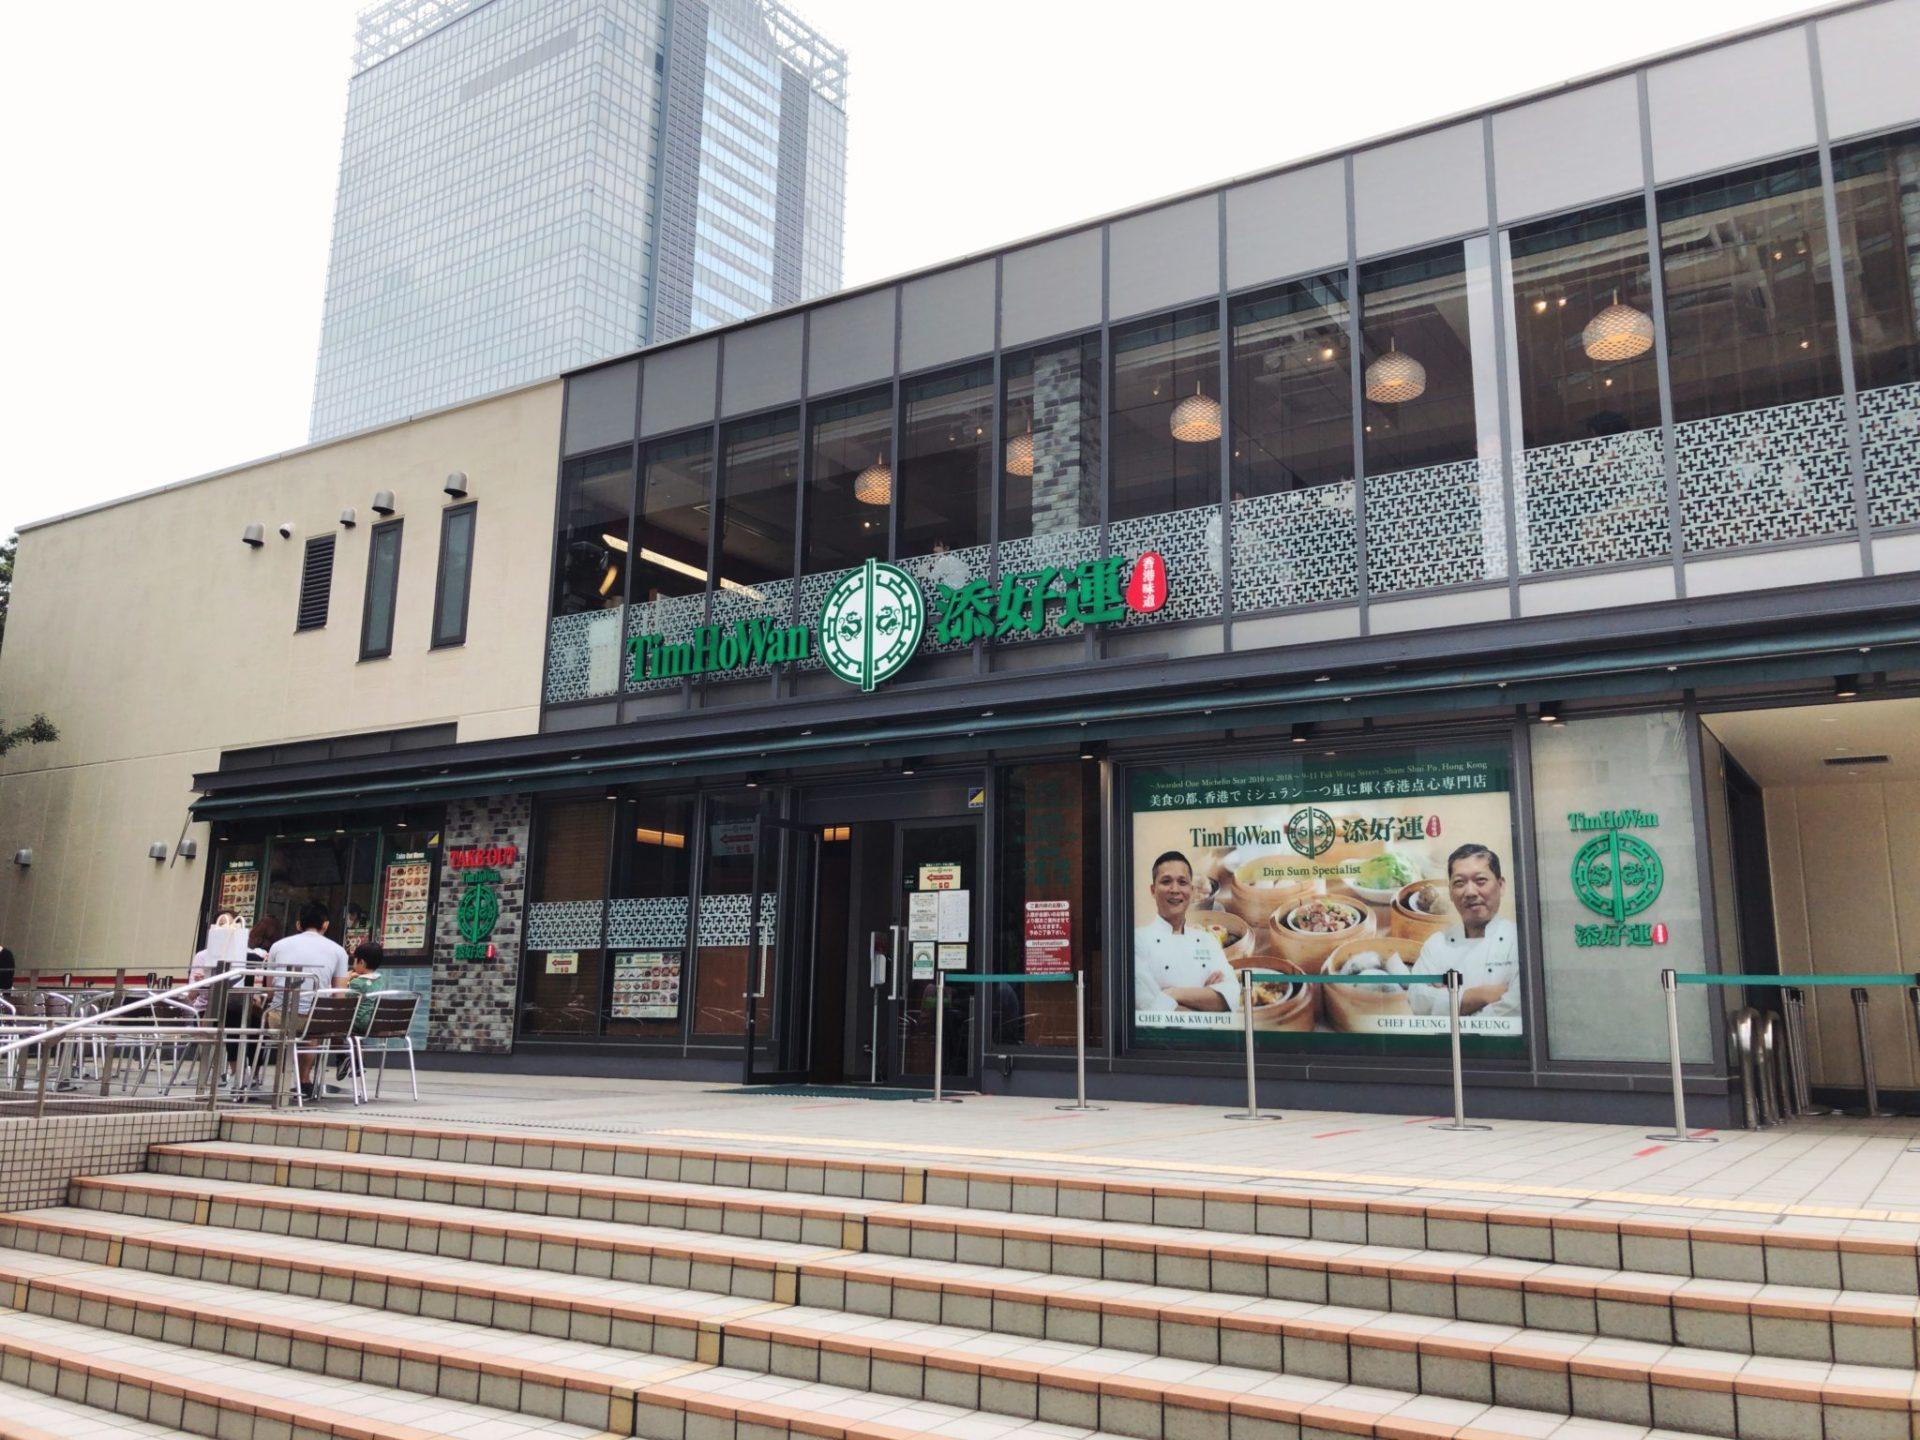 ティムホーワン新宿サザンテラス店の外観